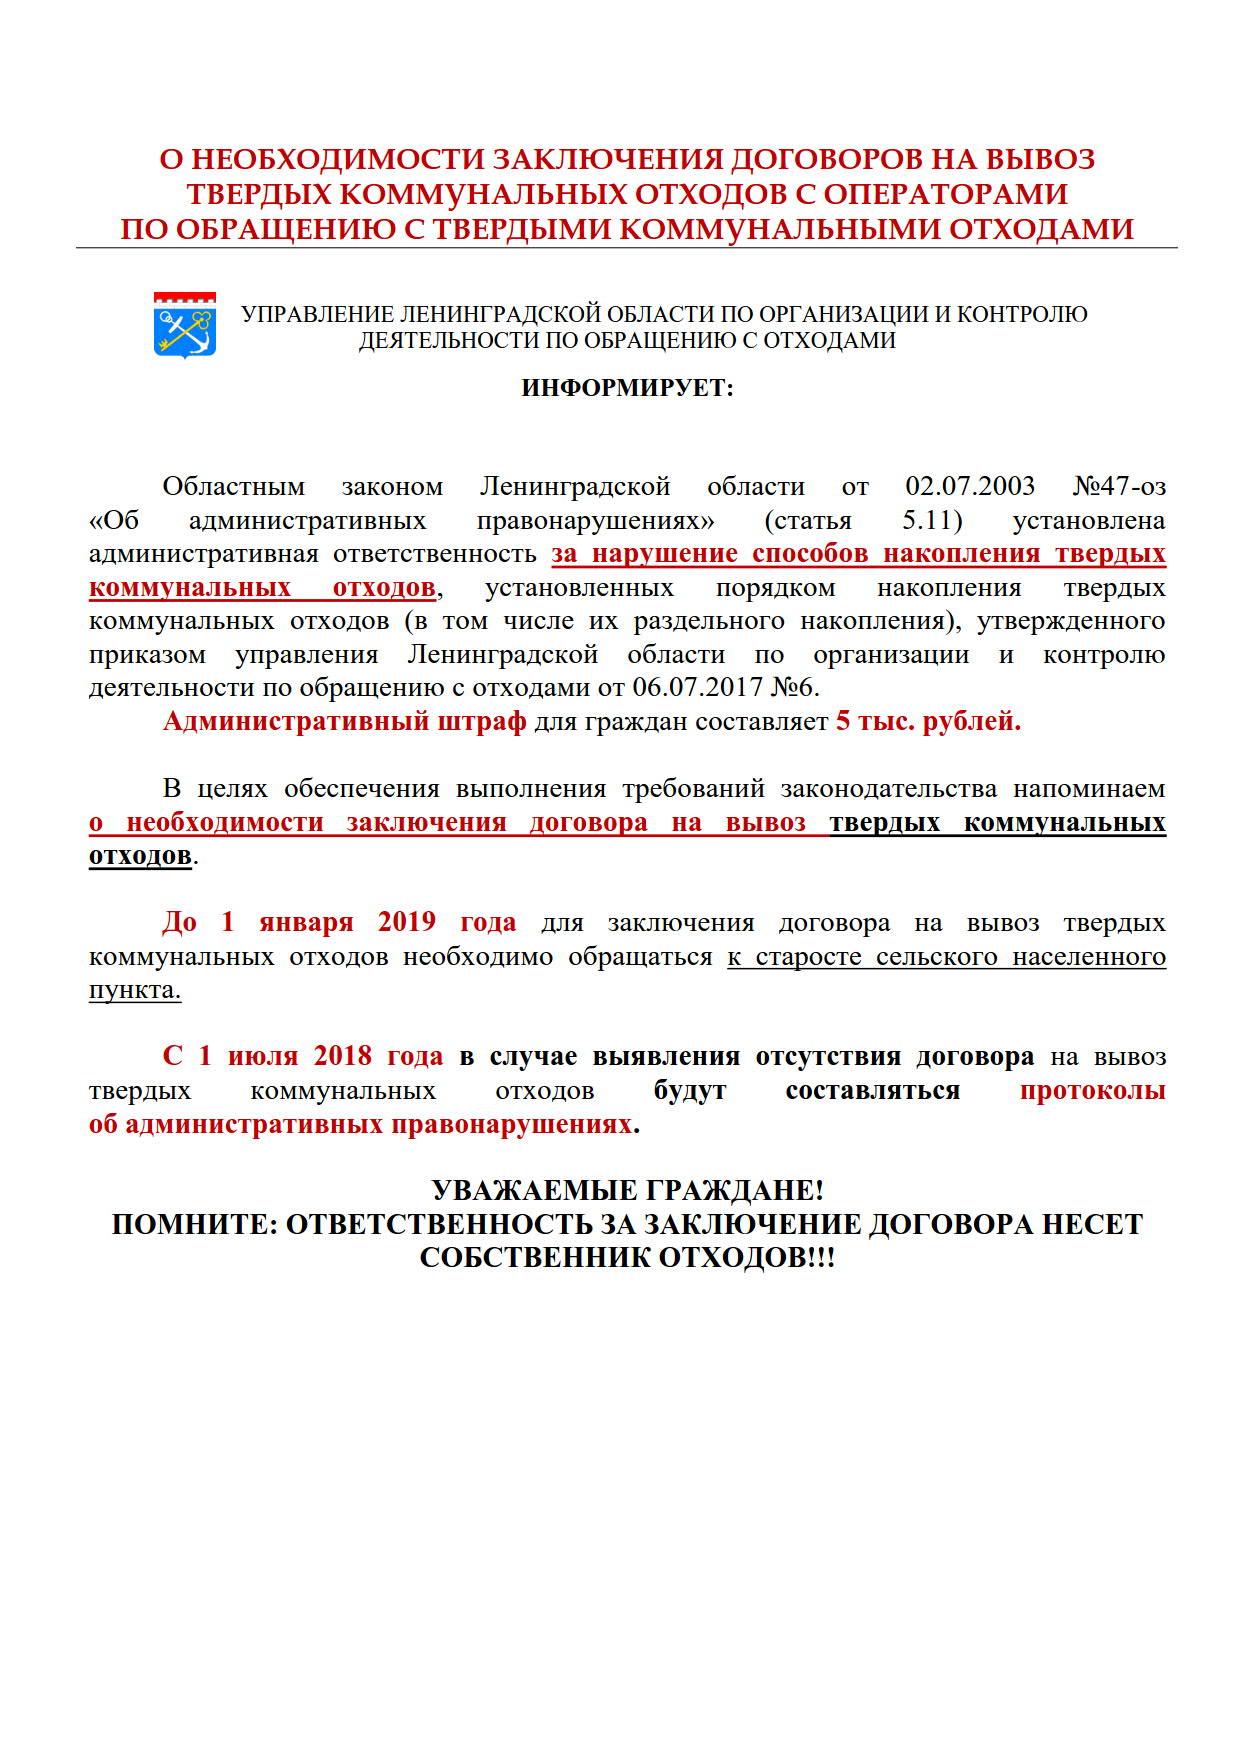 Памятка_1